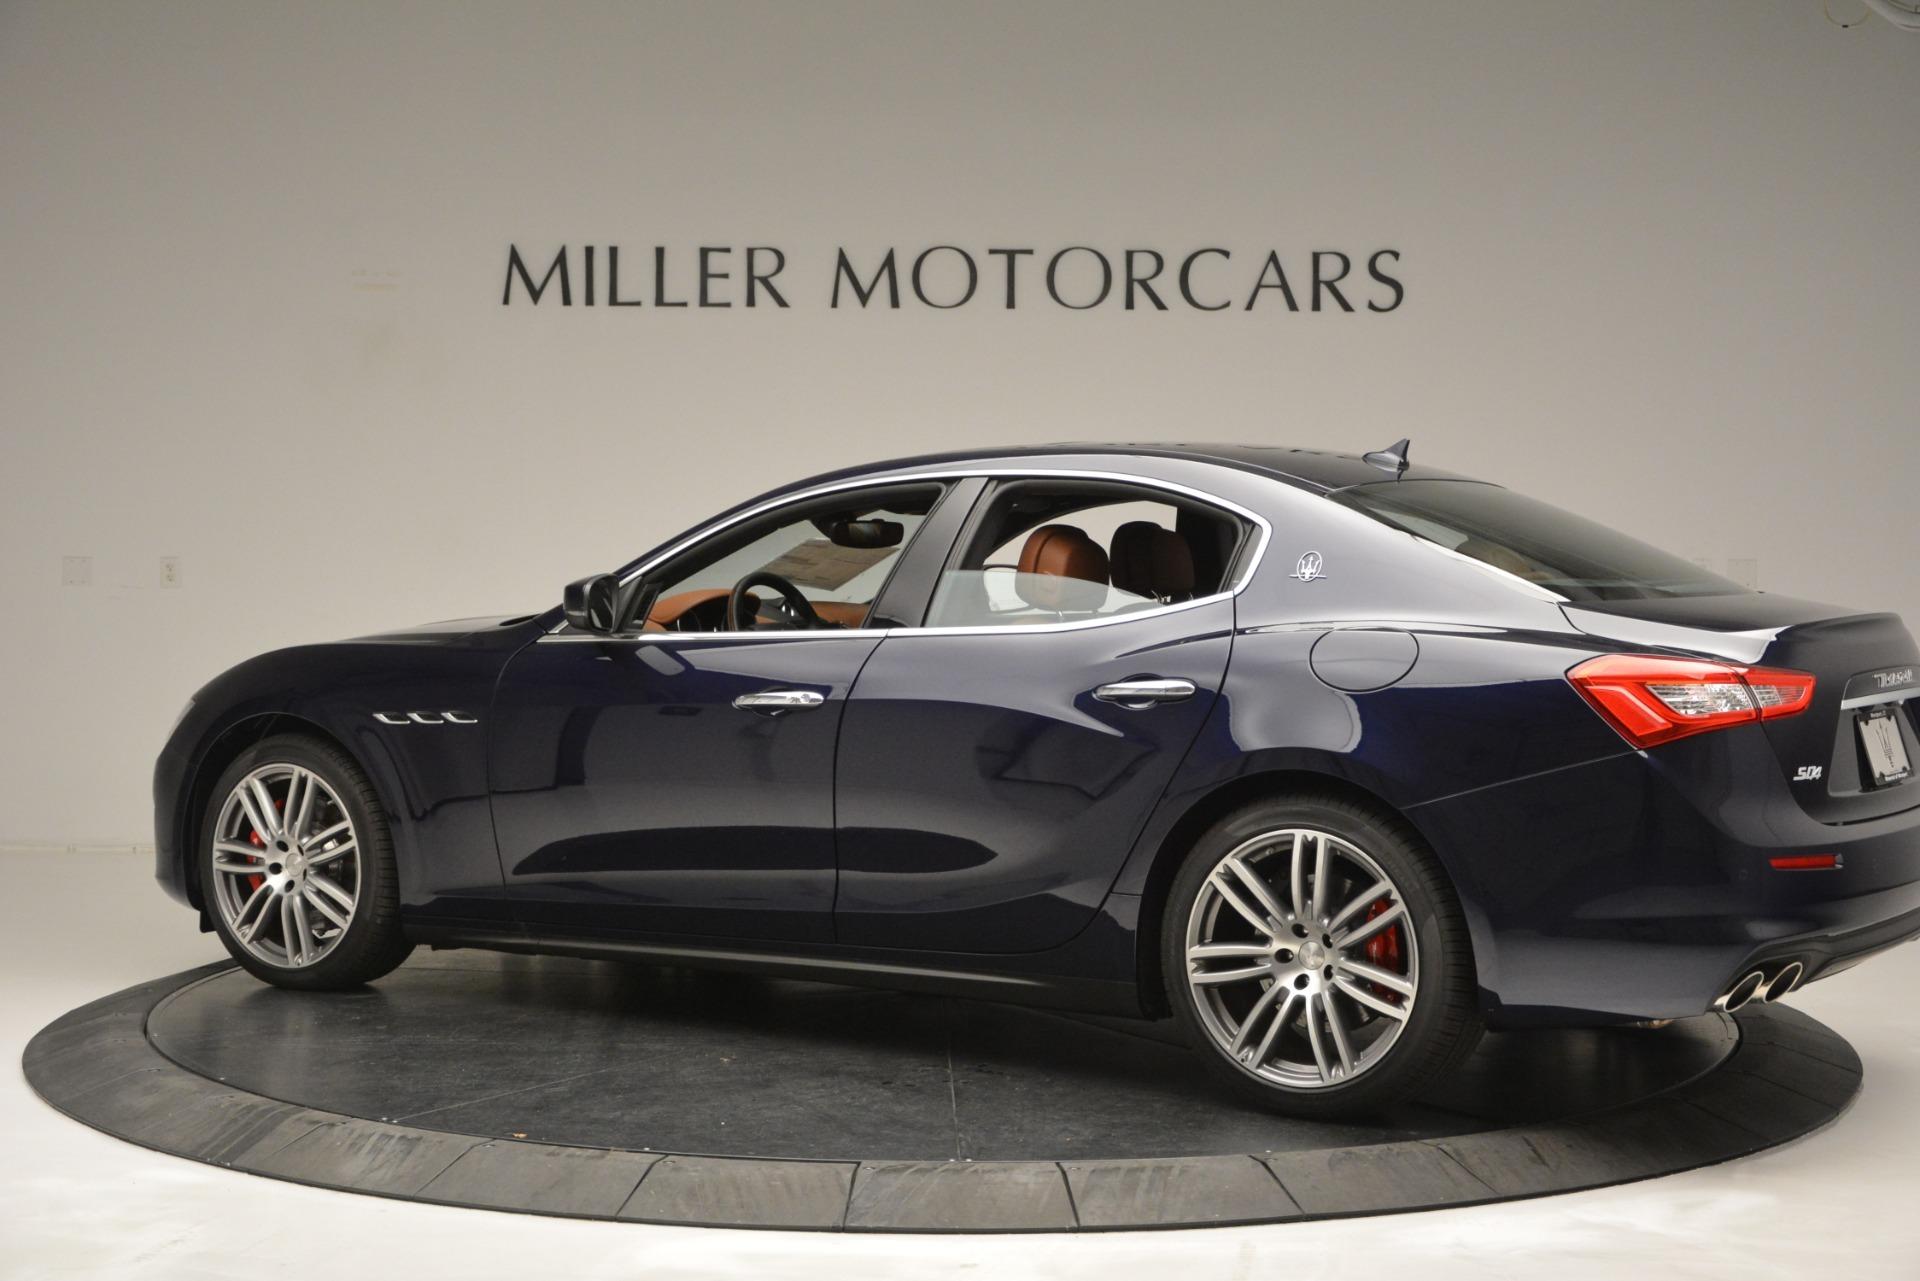 New 2019 Maserati Ghibli S Q4 For Sale In Greenwich, CT. Alfa Romeo of Greenwich, M2203 2737_p4